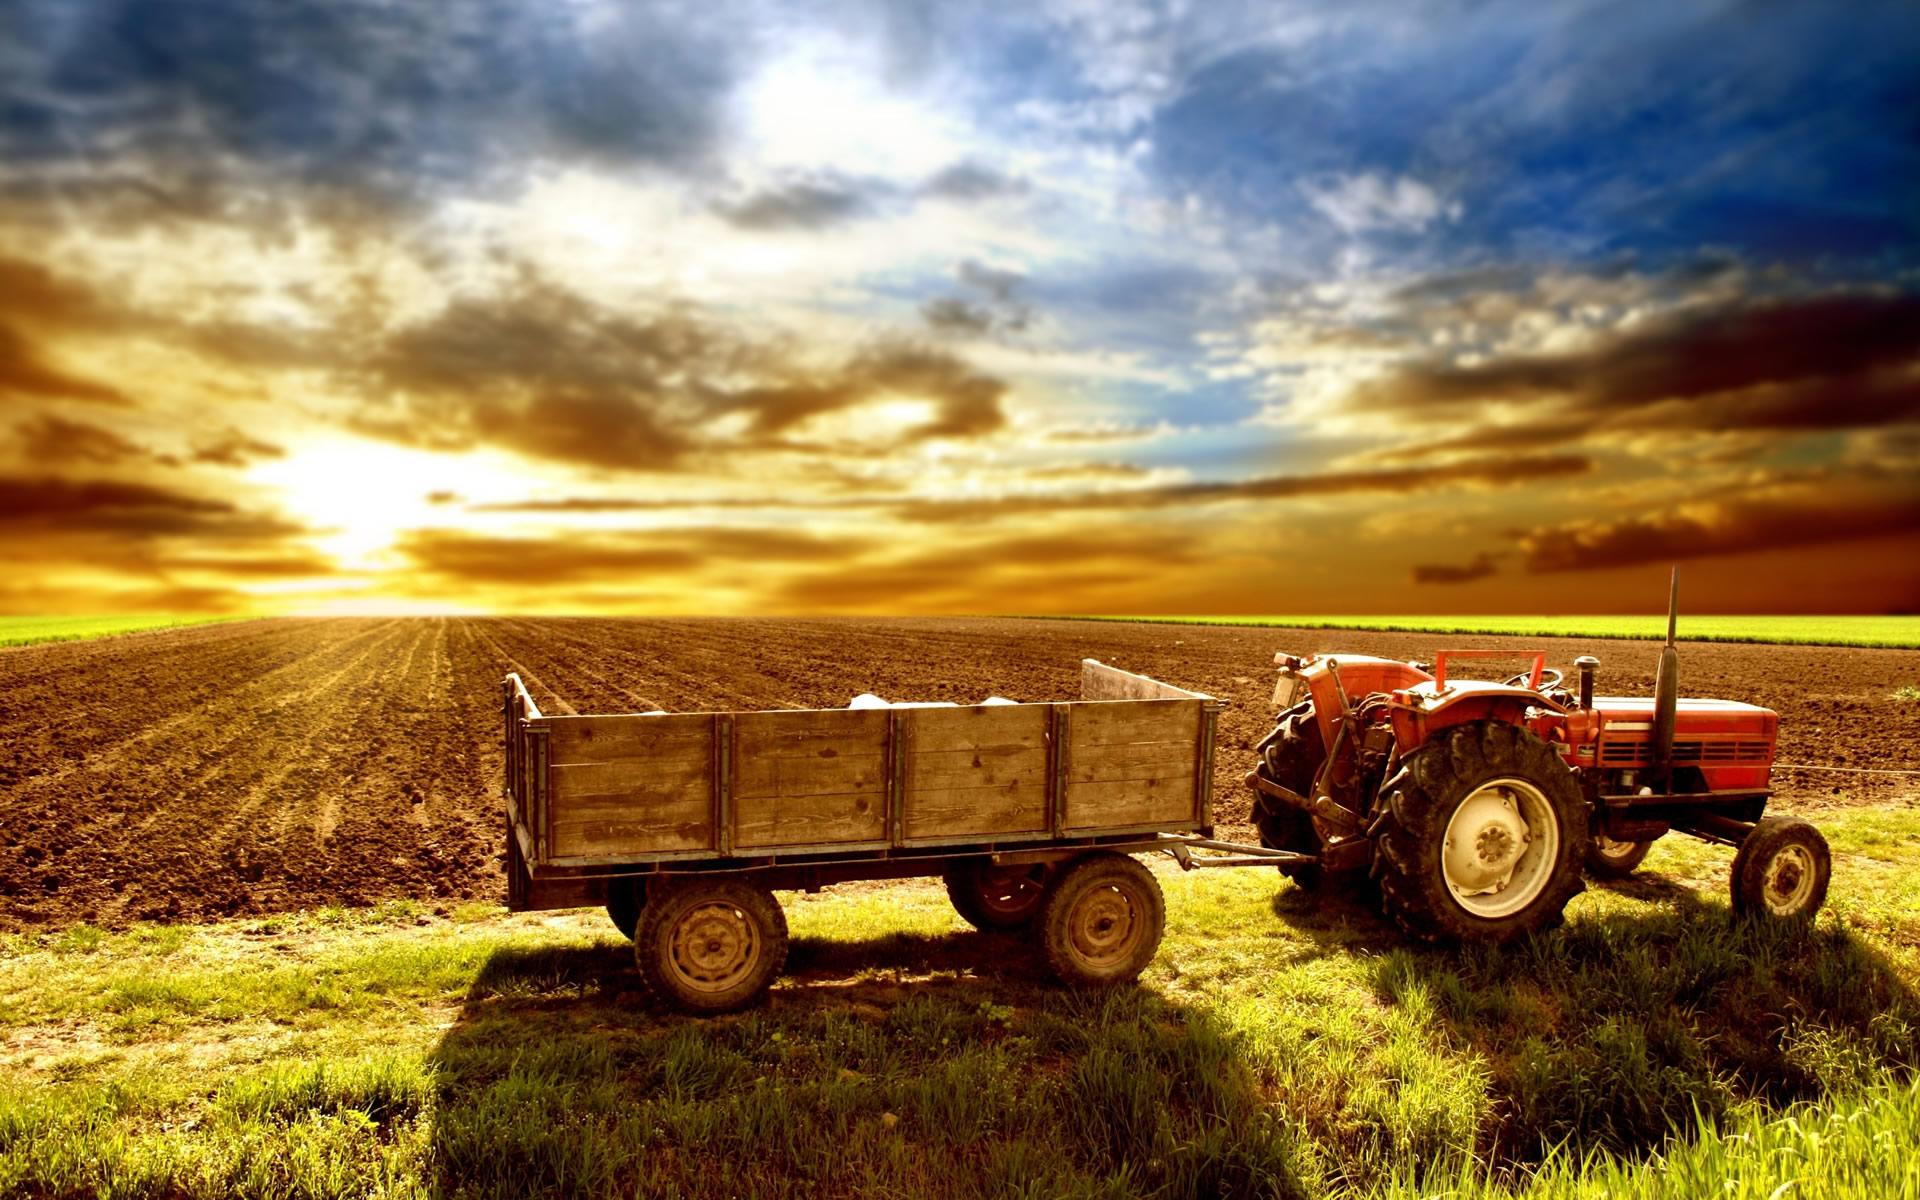 Farm wallpaper 1920x1200 53263 1920x1200